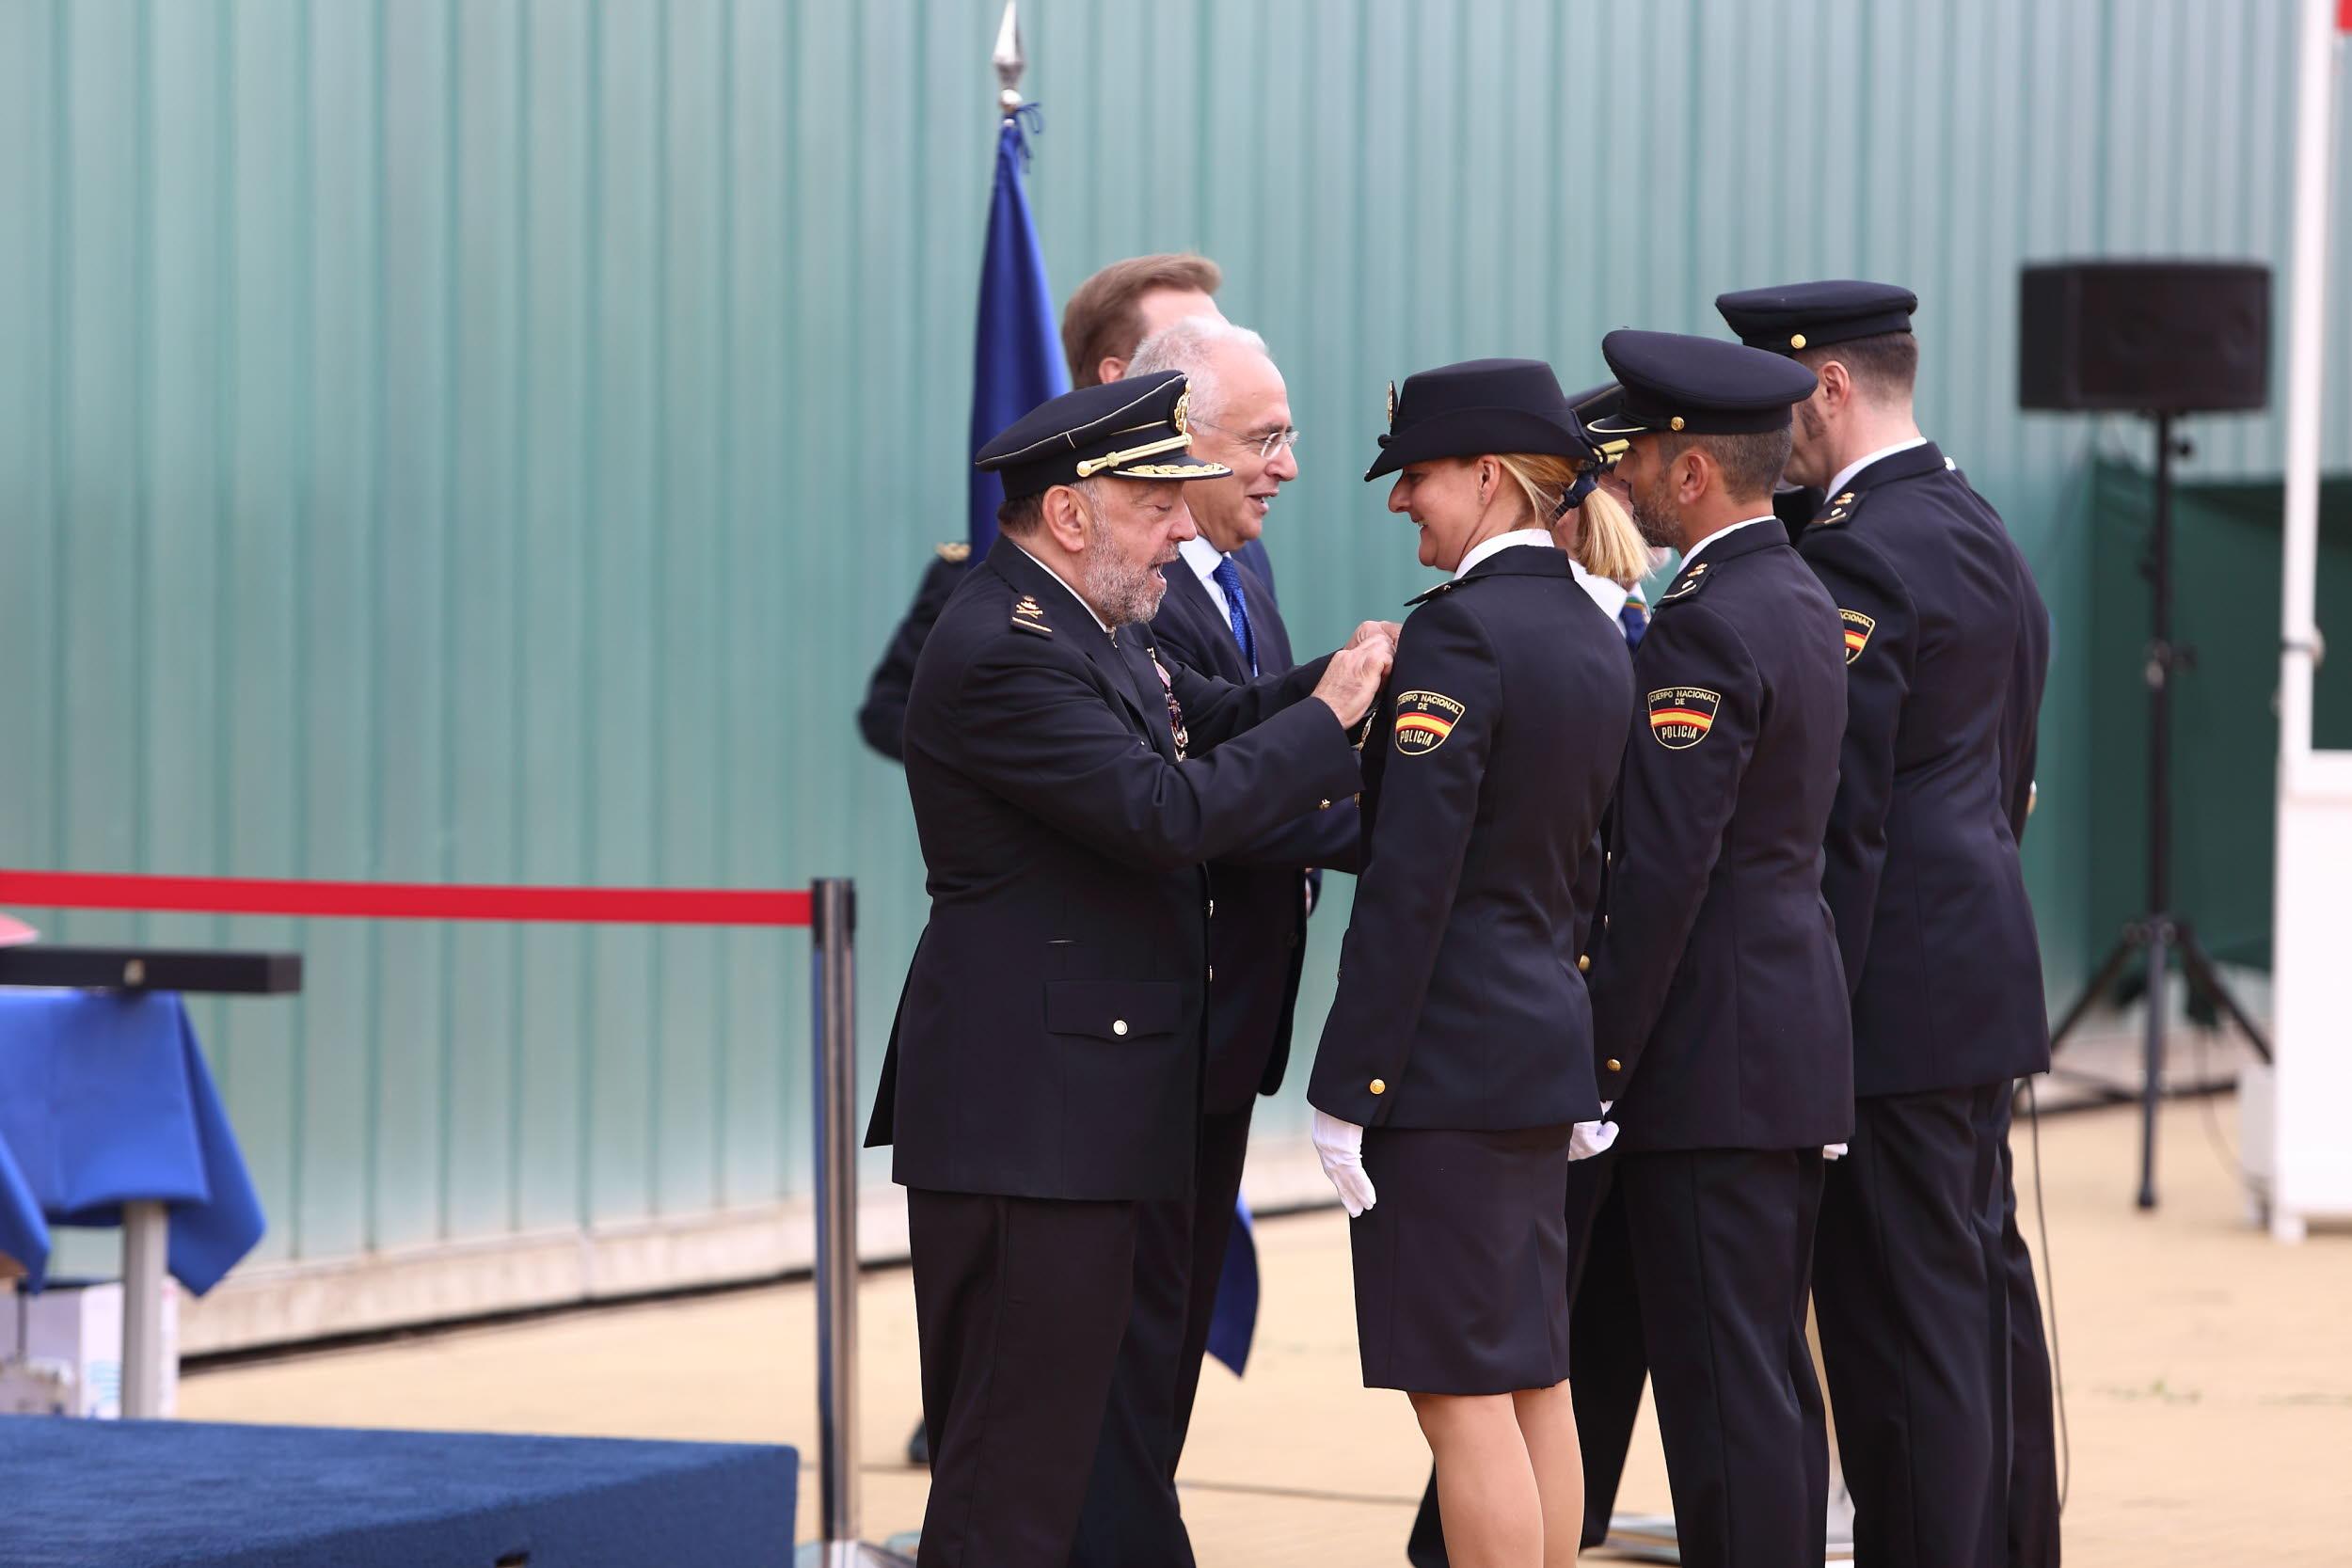 Las policías y militares españolas dan un paso firme hacia igualdad ...